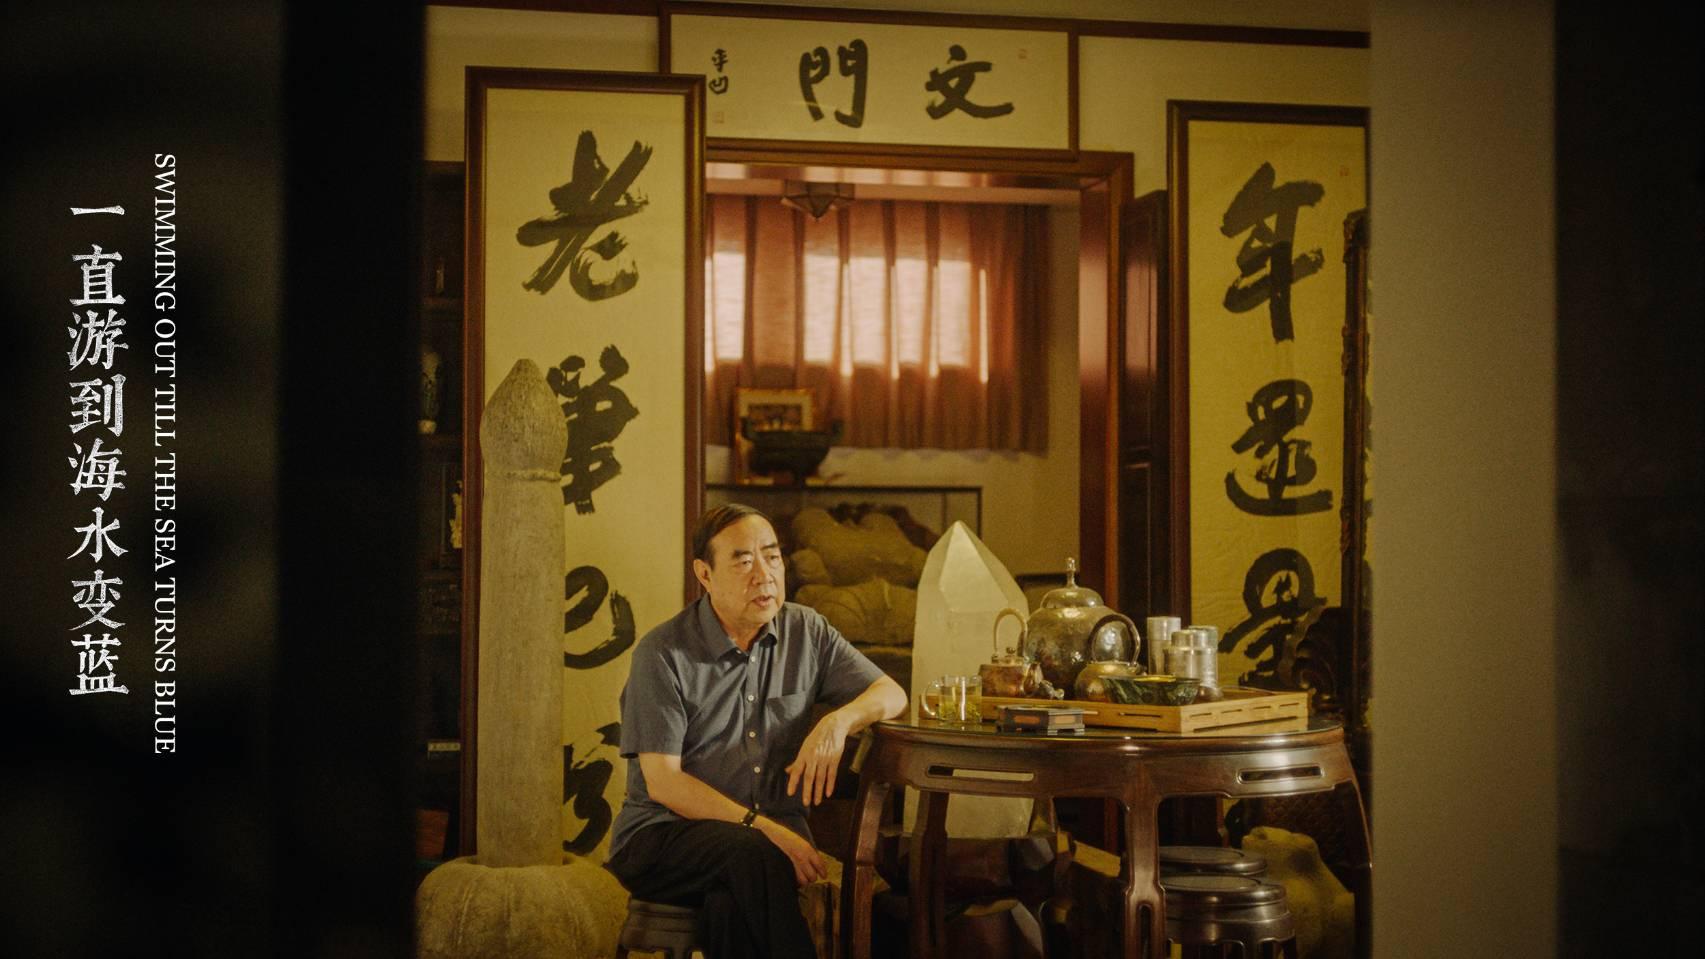 《一直游到海水變藍》以賈平凹、余華和梁鴻作為主要敘述者講述橫跨70年中國往事。